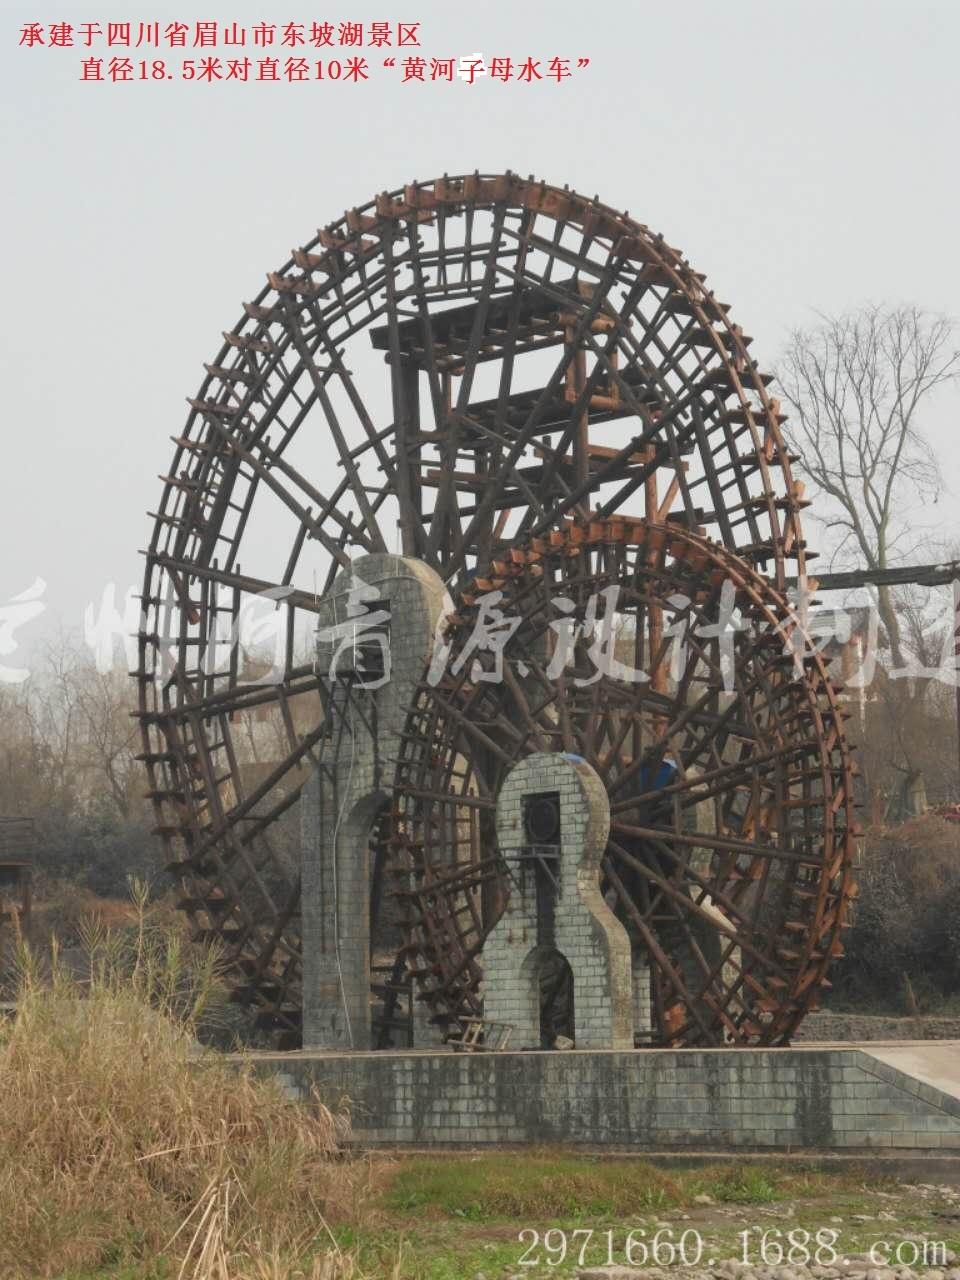 公园农家乐景观水车